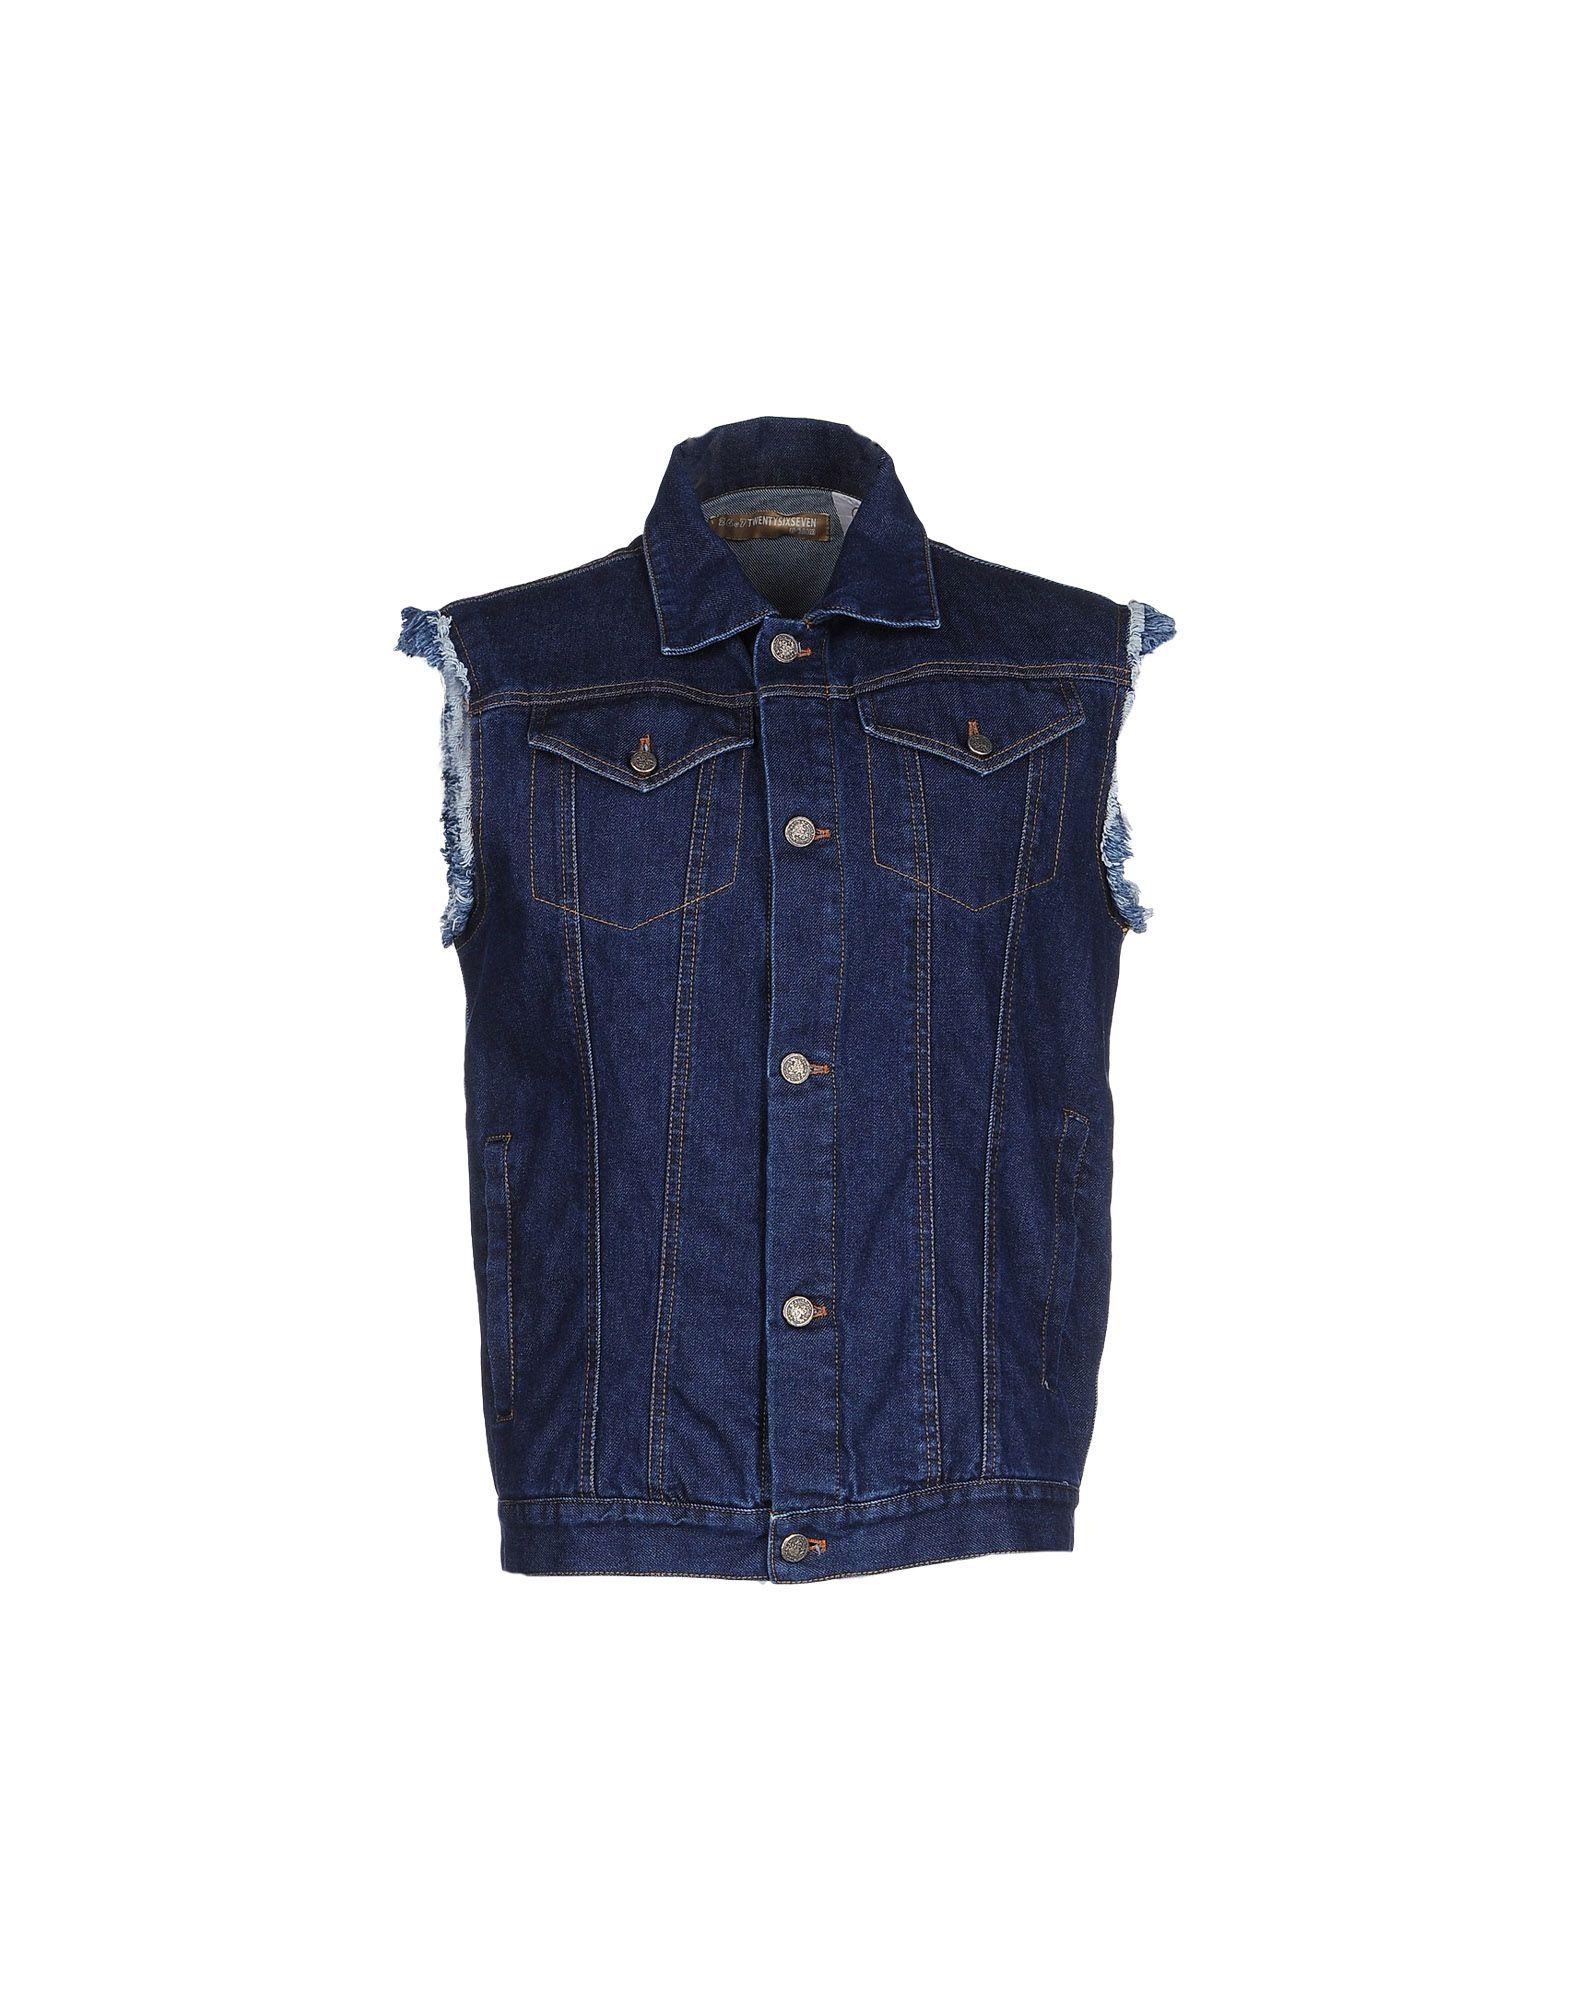 26.7 TWENTYSIXSEVEN Джинсовая верхняя одежда 26 7 twentysixseven джинсовая верхняя одежда